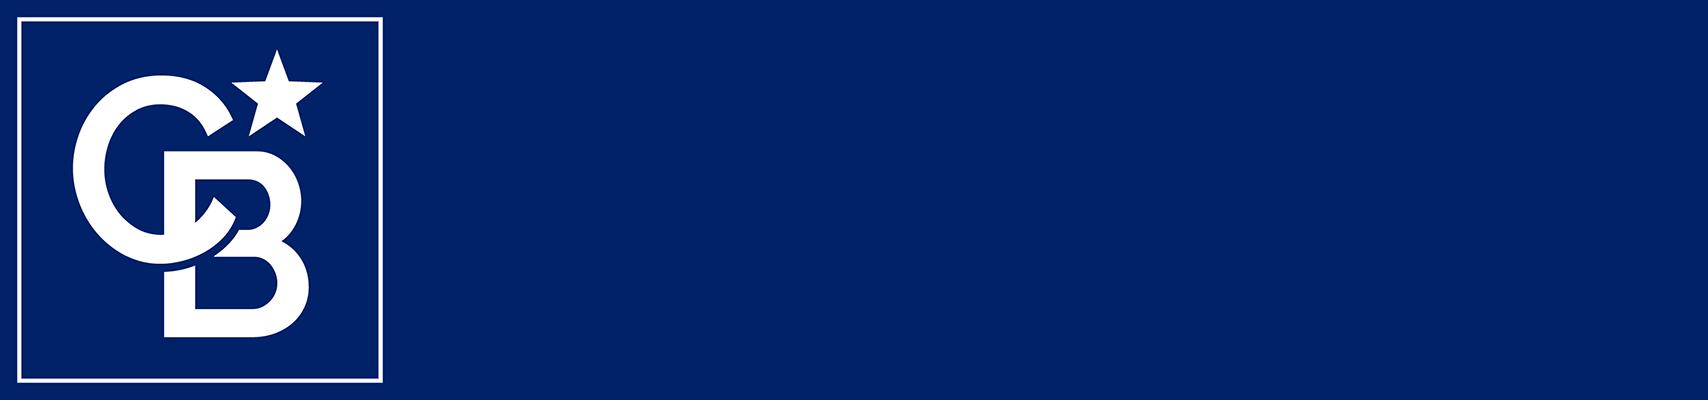 Coldwell Banker Regan Realtors Logo